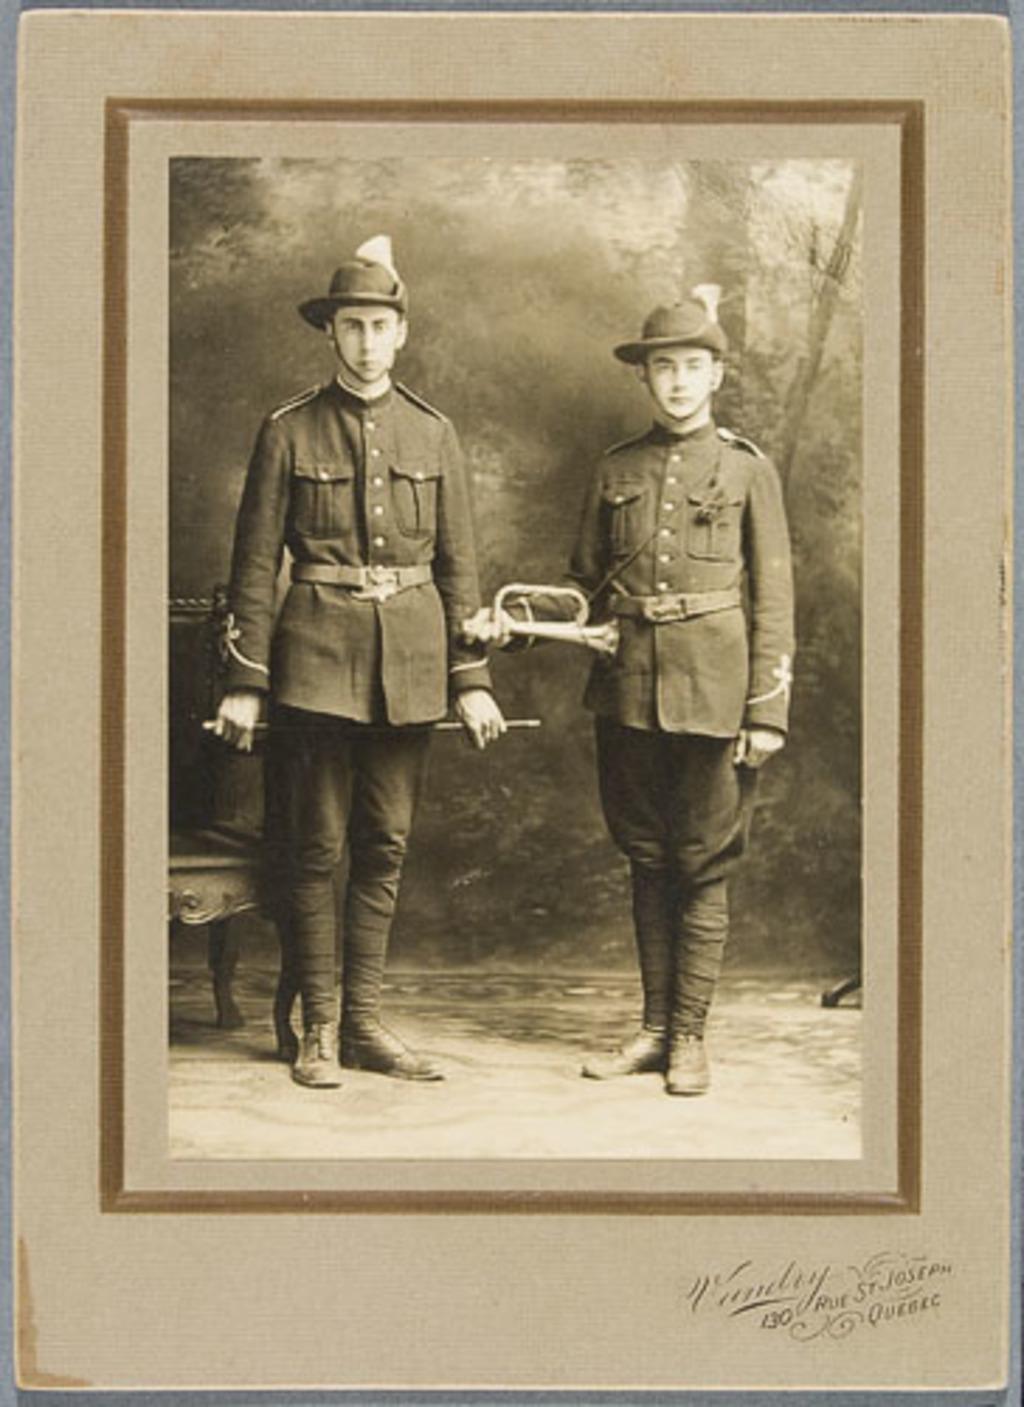 Portrait de deux hommes en costume de fanfare militaire